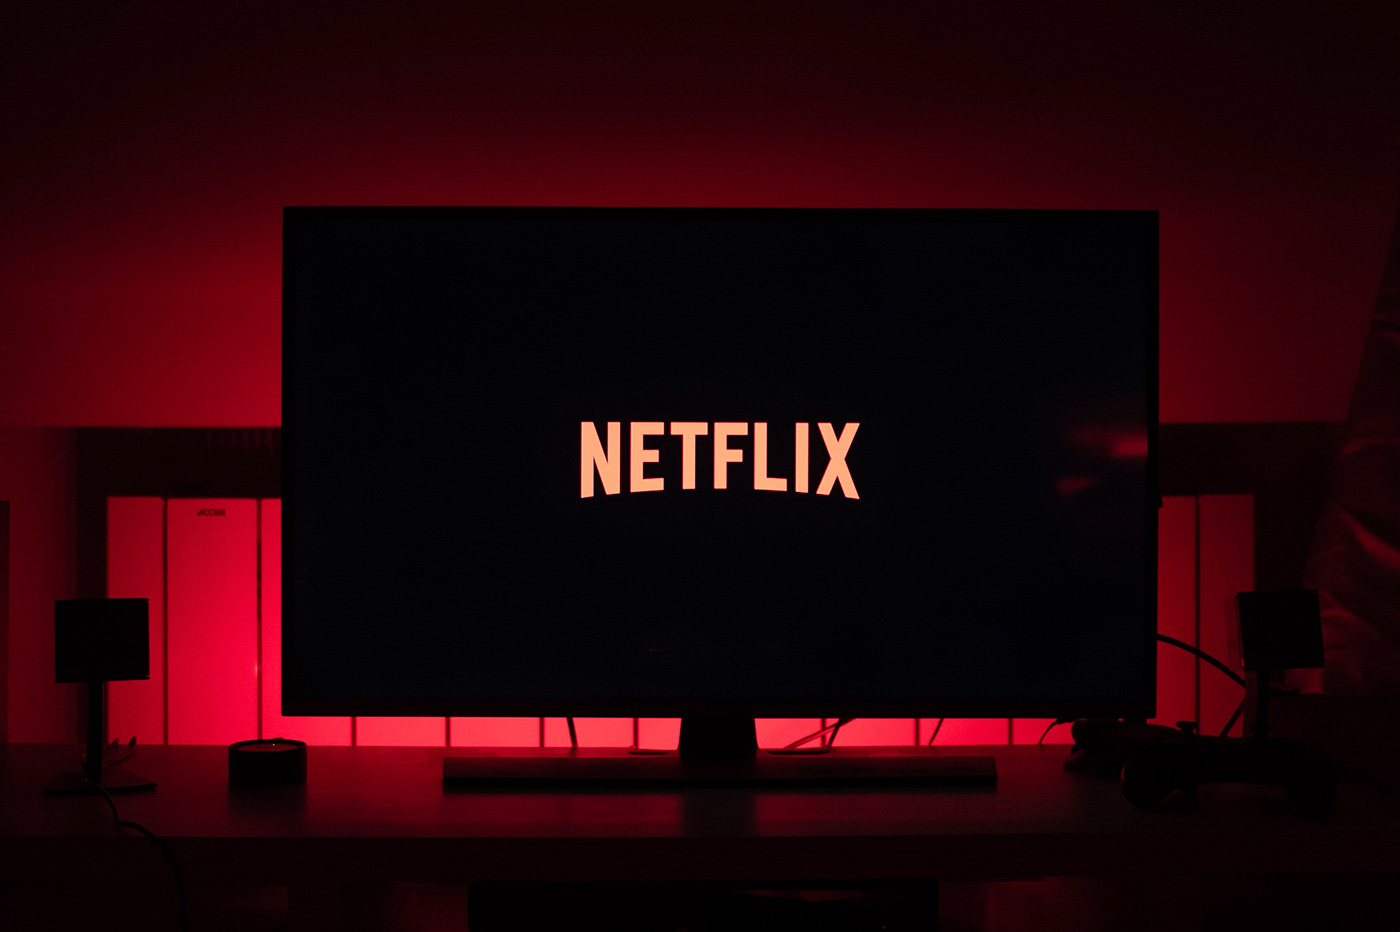 Sur Netflix, quels films et séries quittent le catalogue en septembre?